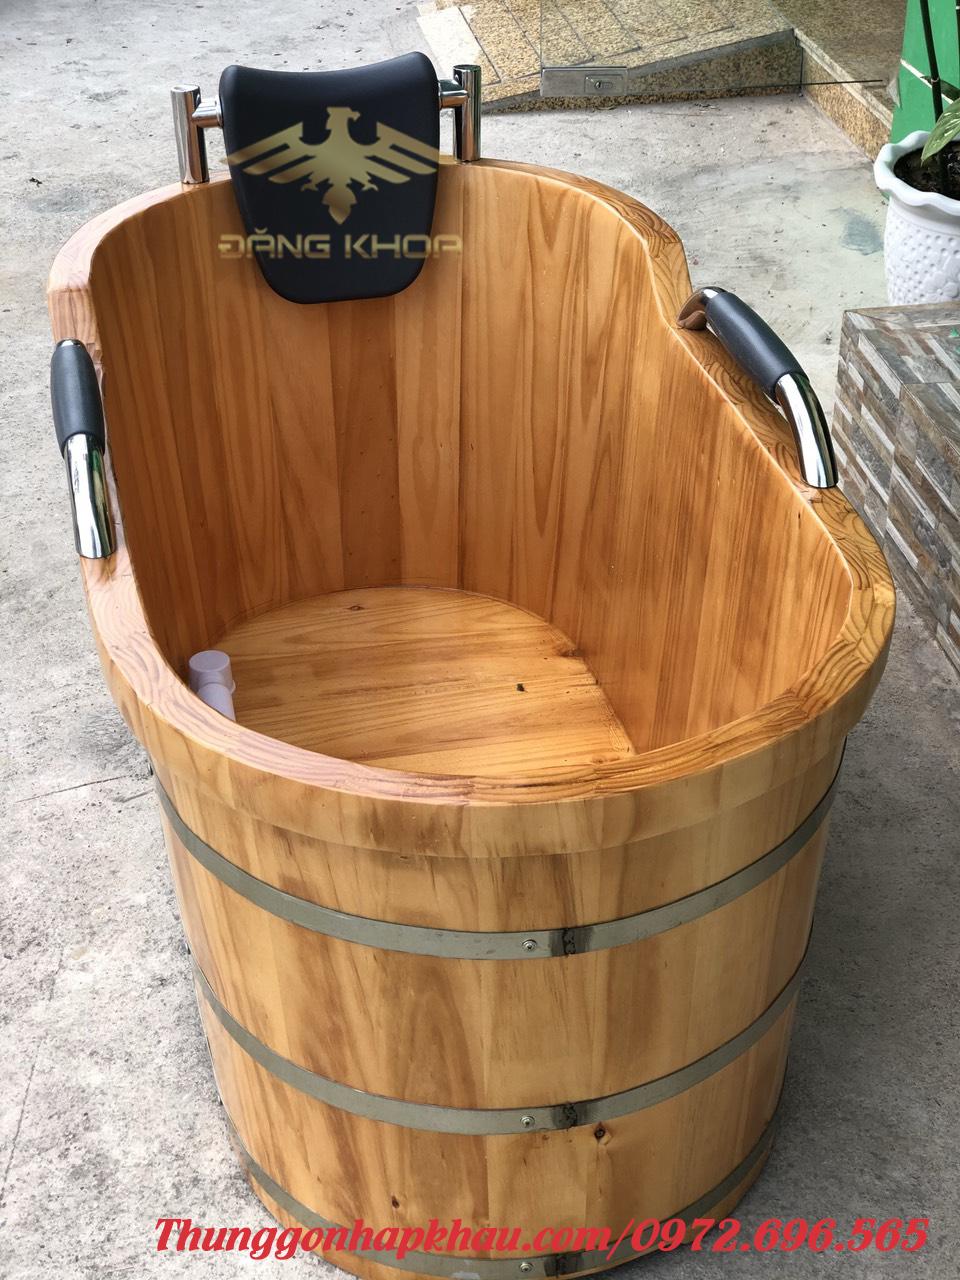 Bán bồn tắm gỗ giá bao nhiêu